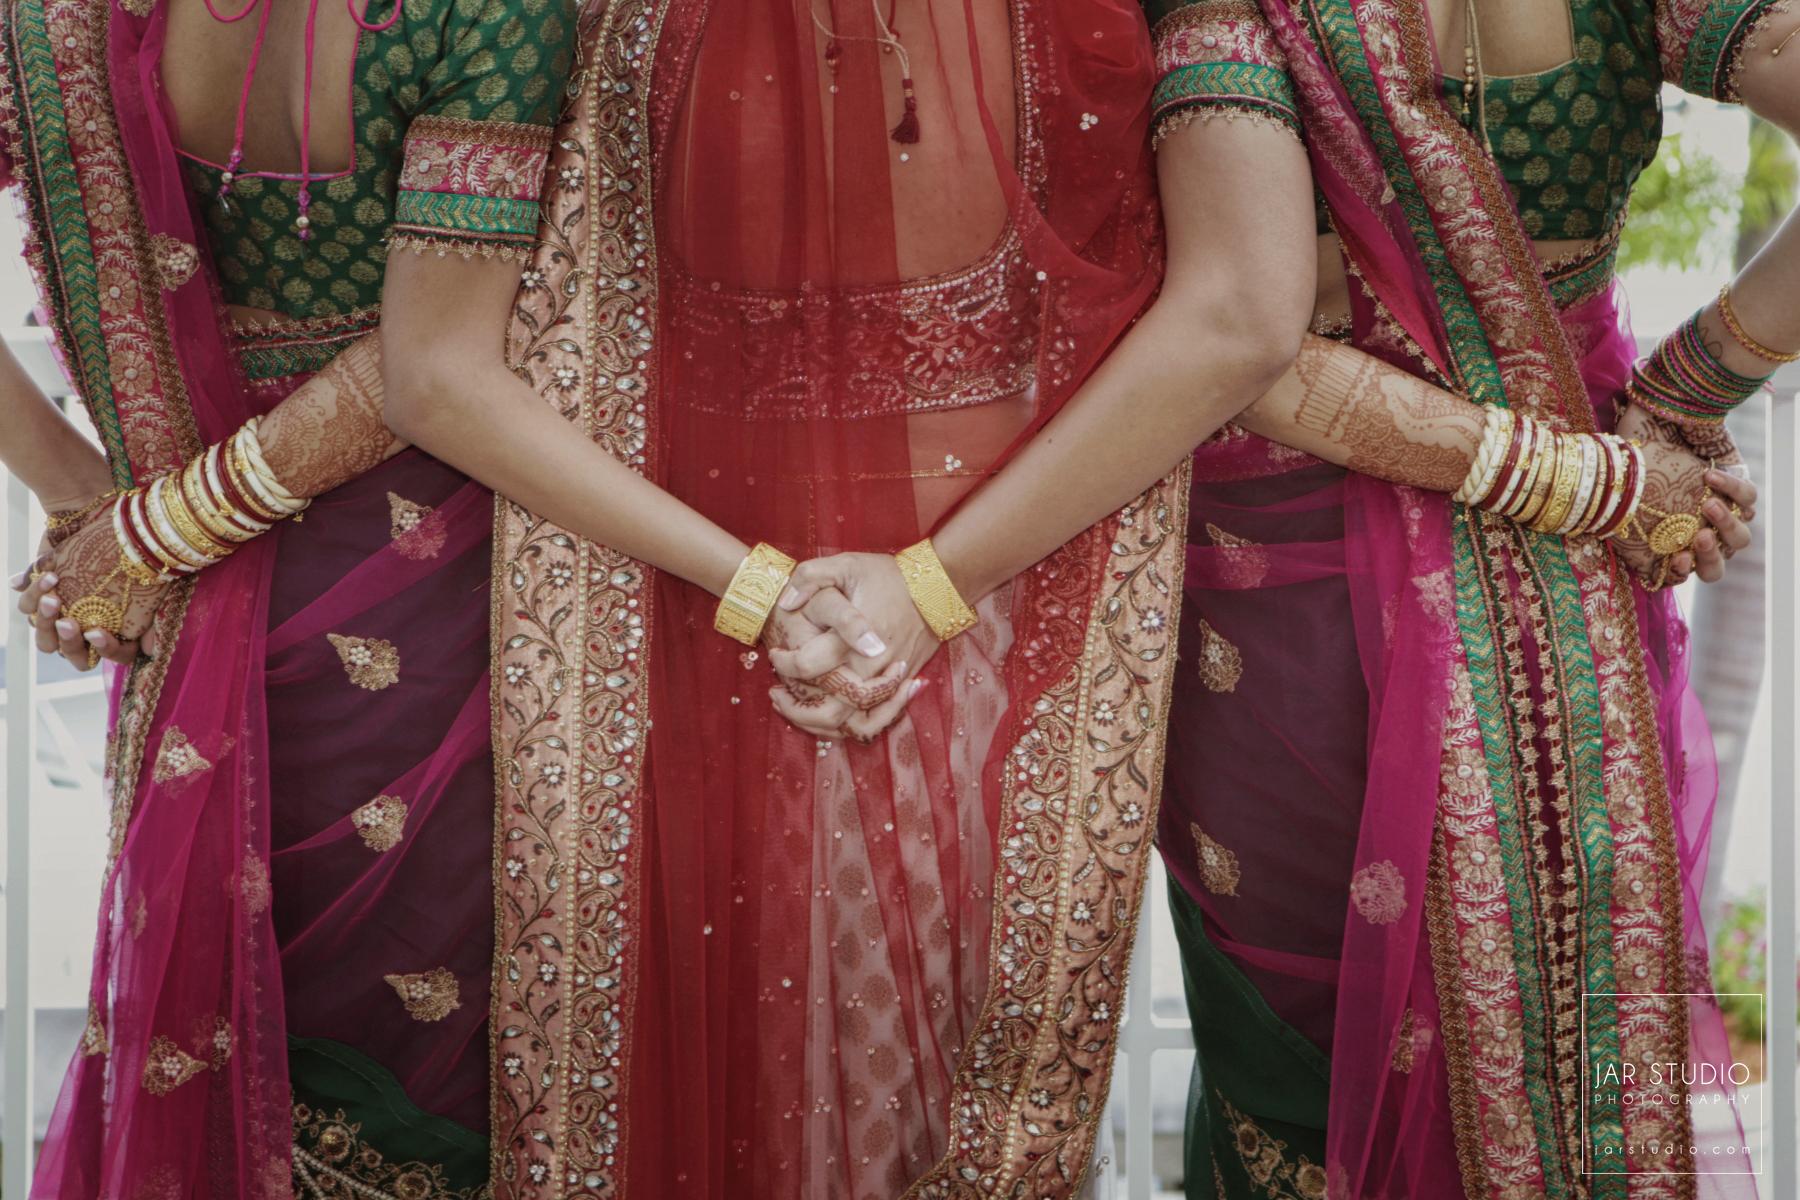 17-indian-bride-bridesmaids-colorful-sarees-jarstudio-photography.JPG